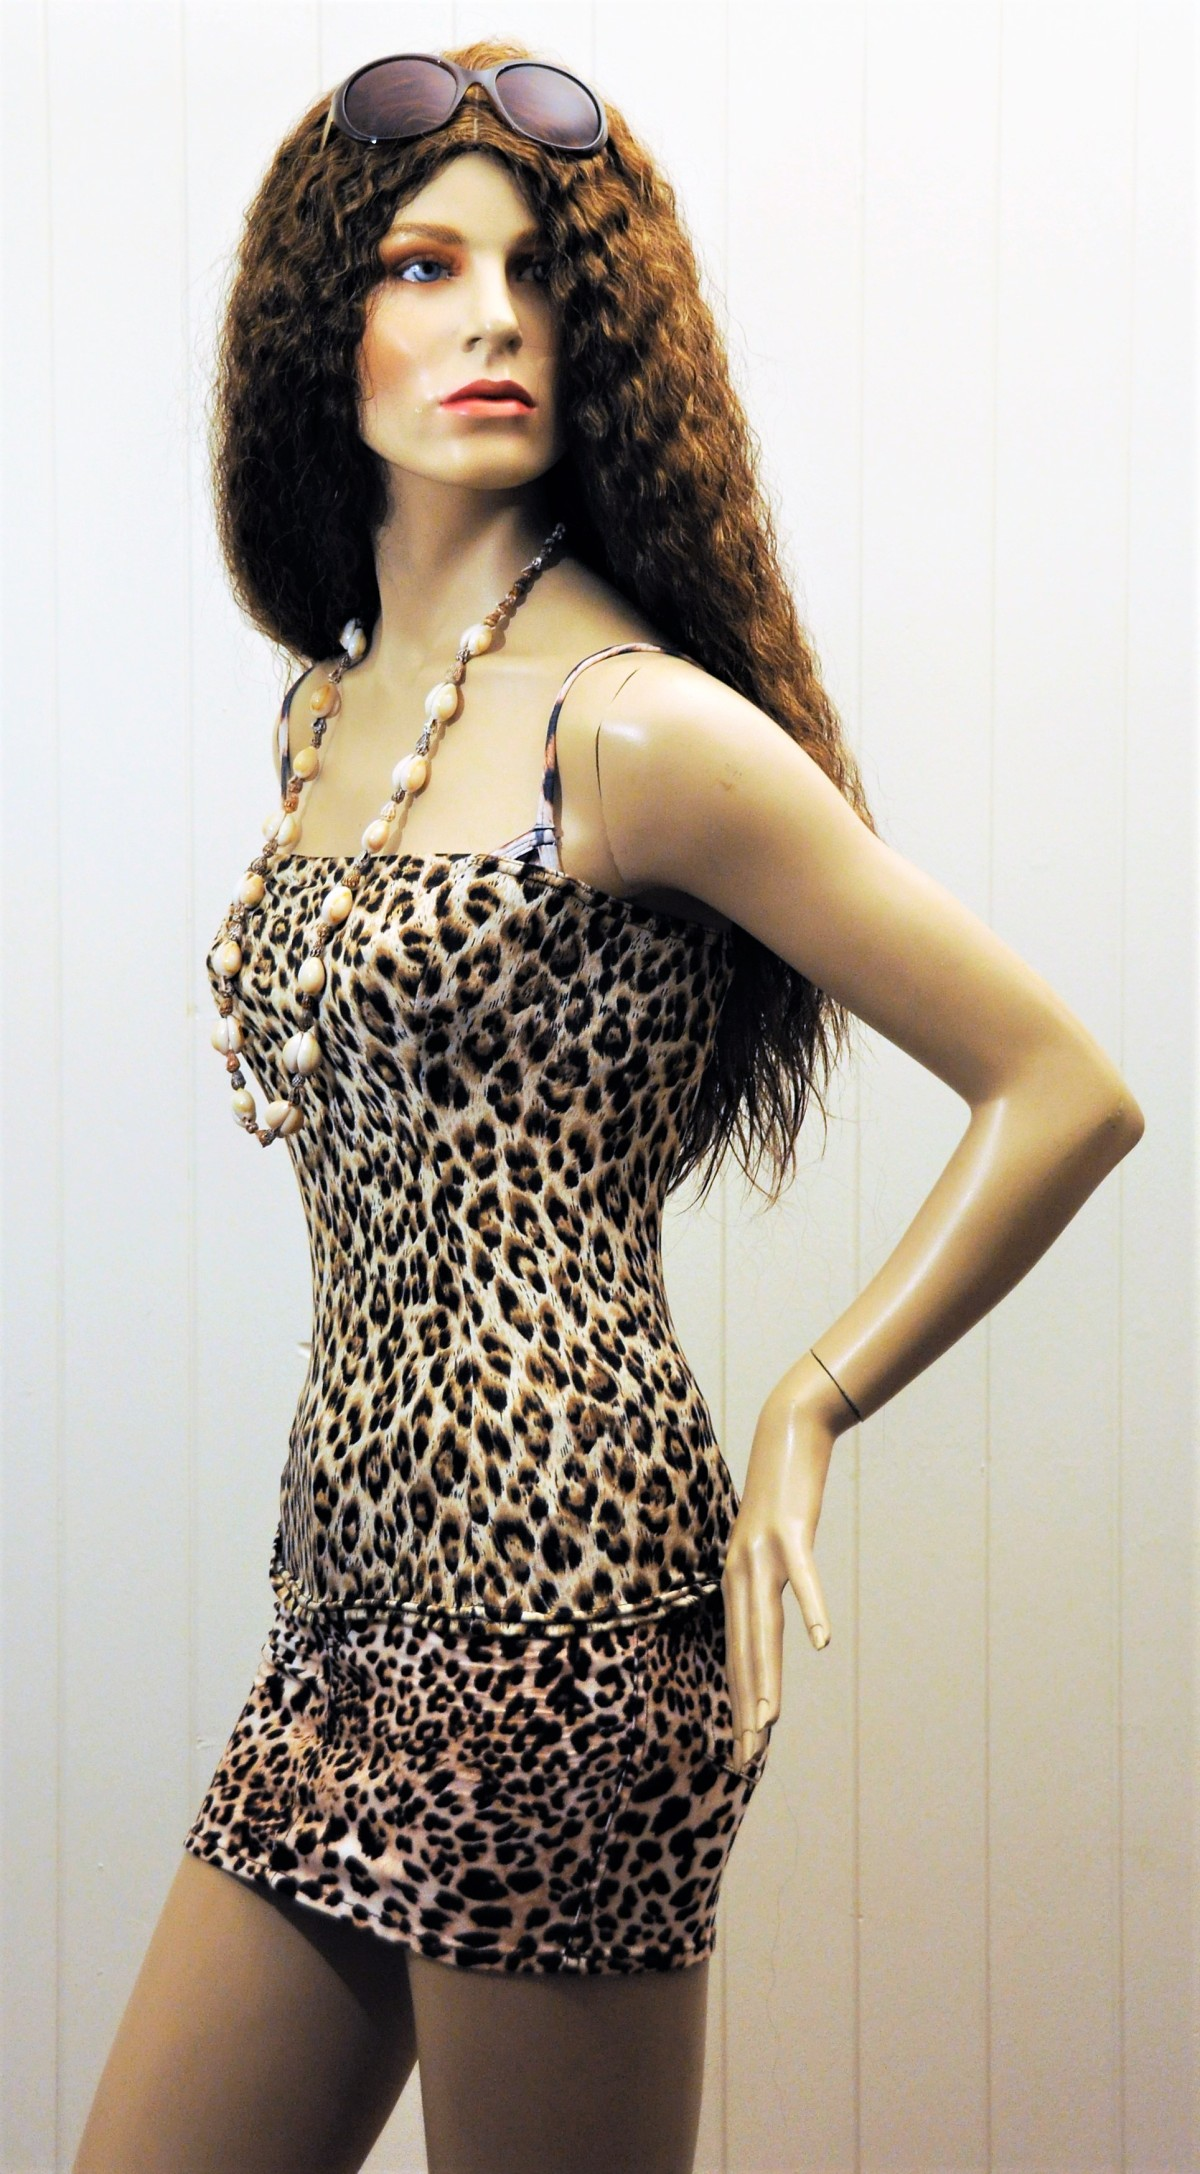 """Selbstbewusst, stark und sexy: die Mannequins aus der Hindsgaul-Serie """"Options &Assets"""""""